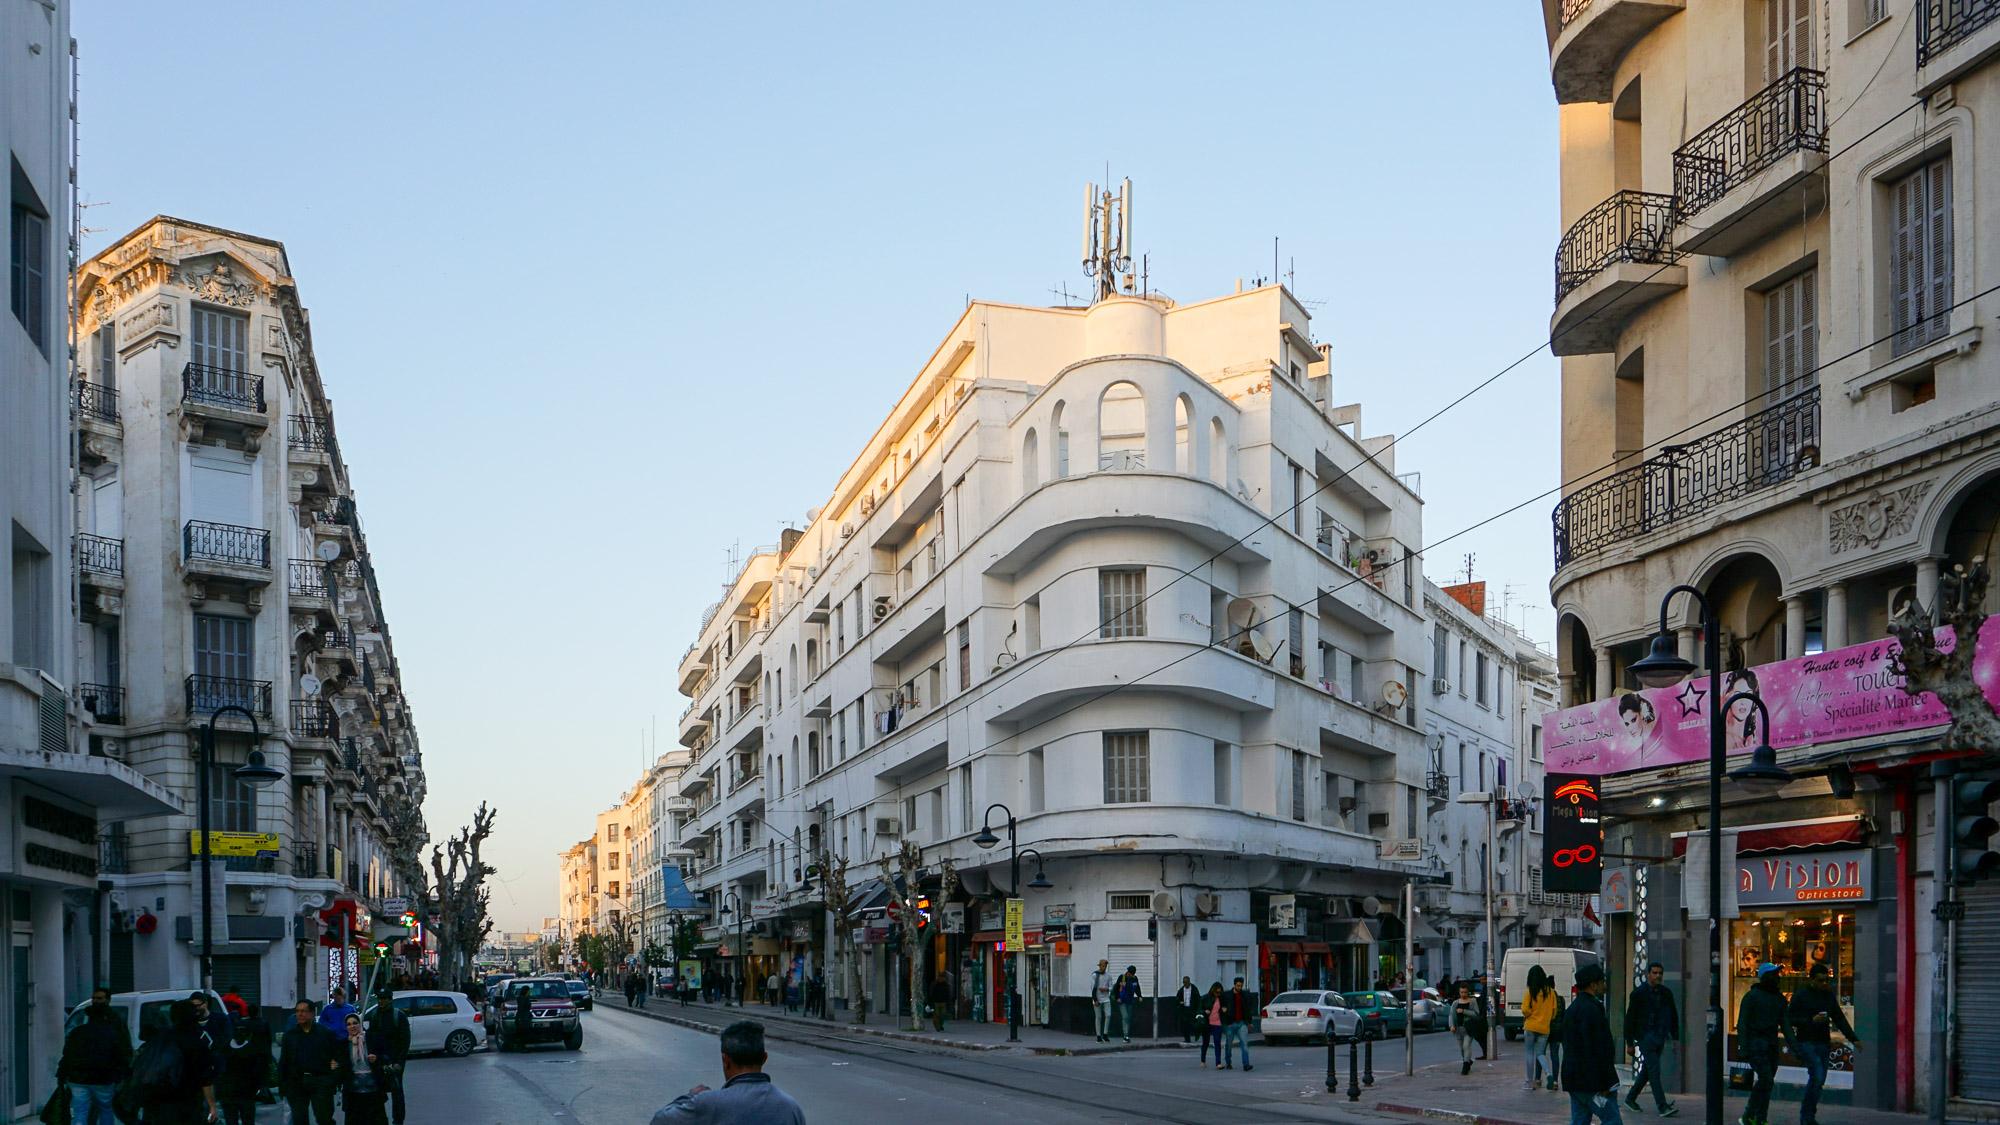 Straße mit weißen Wohn- und Geschäftshäusern im Abendlicht